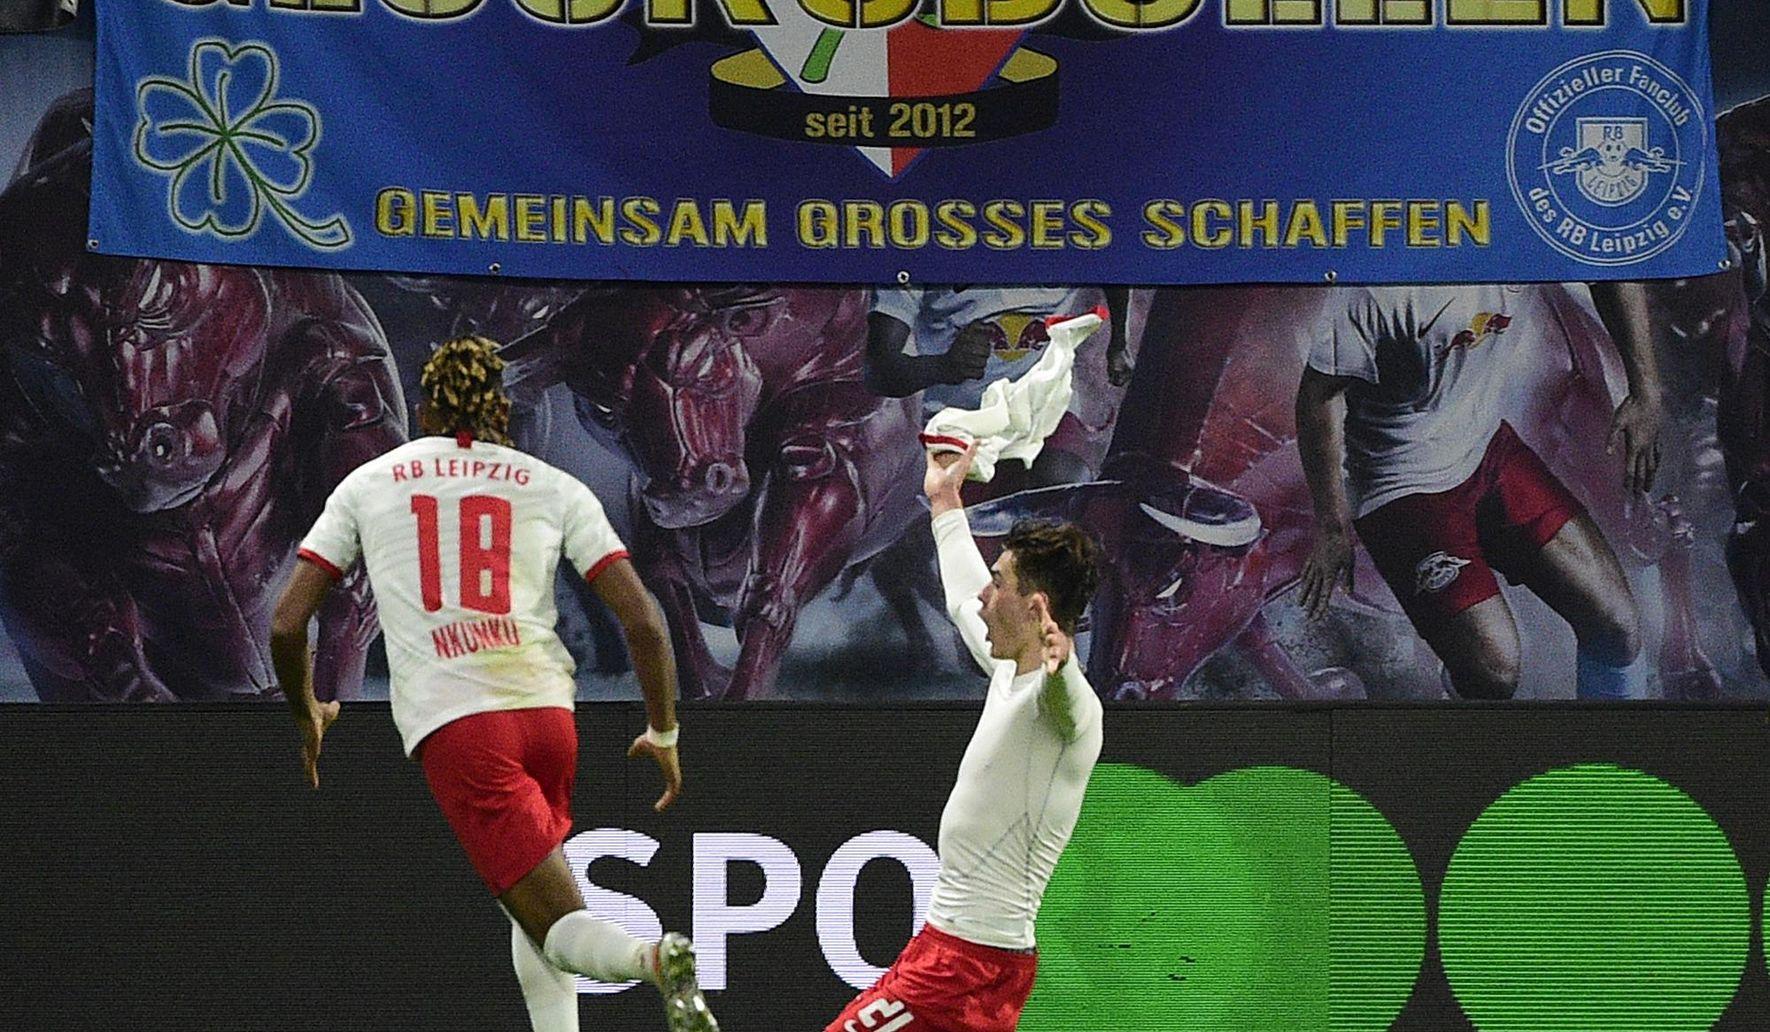 Germany_soccer_bundesliga_38497_c0-171-2000-1337_s1770x1032